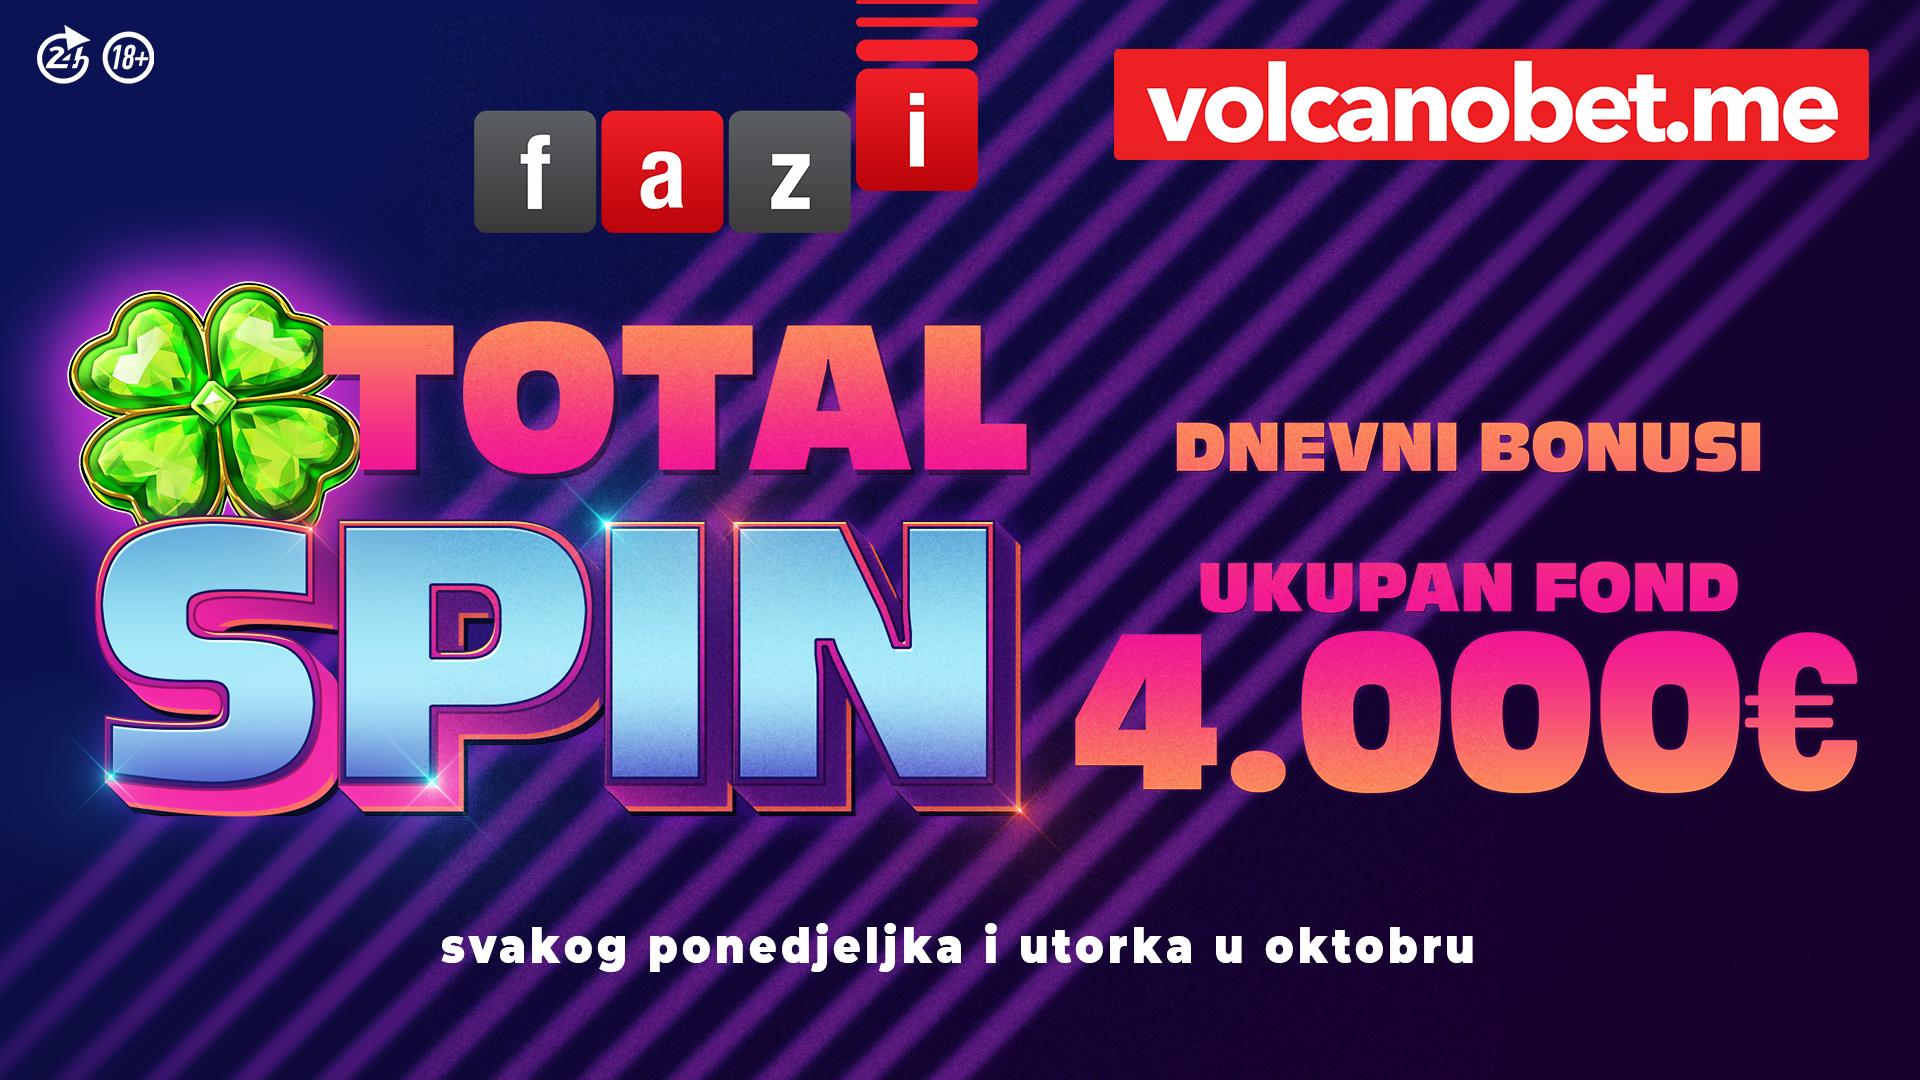 Total Spin Oktobar Dobitnici